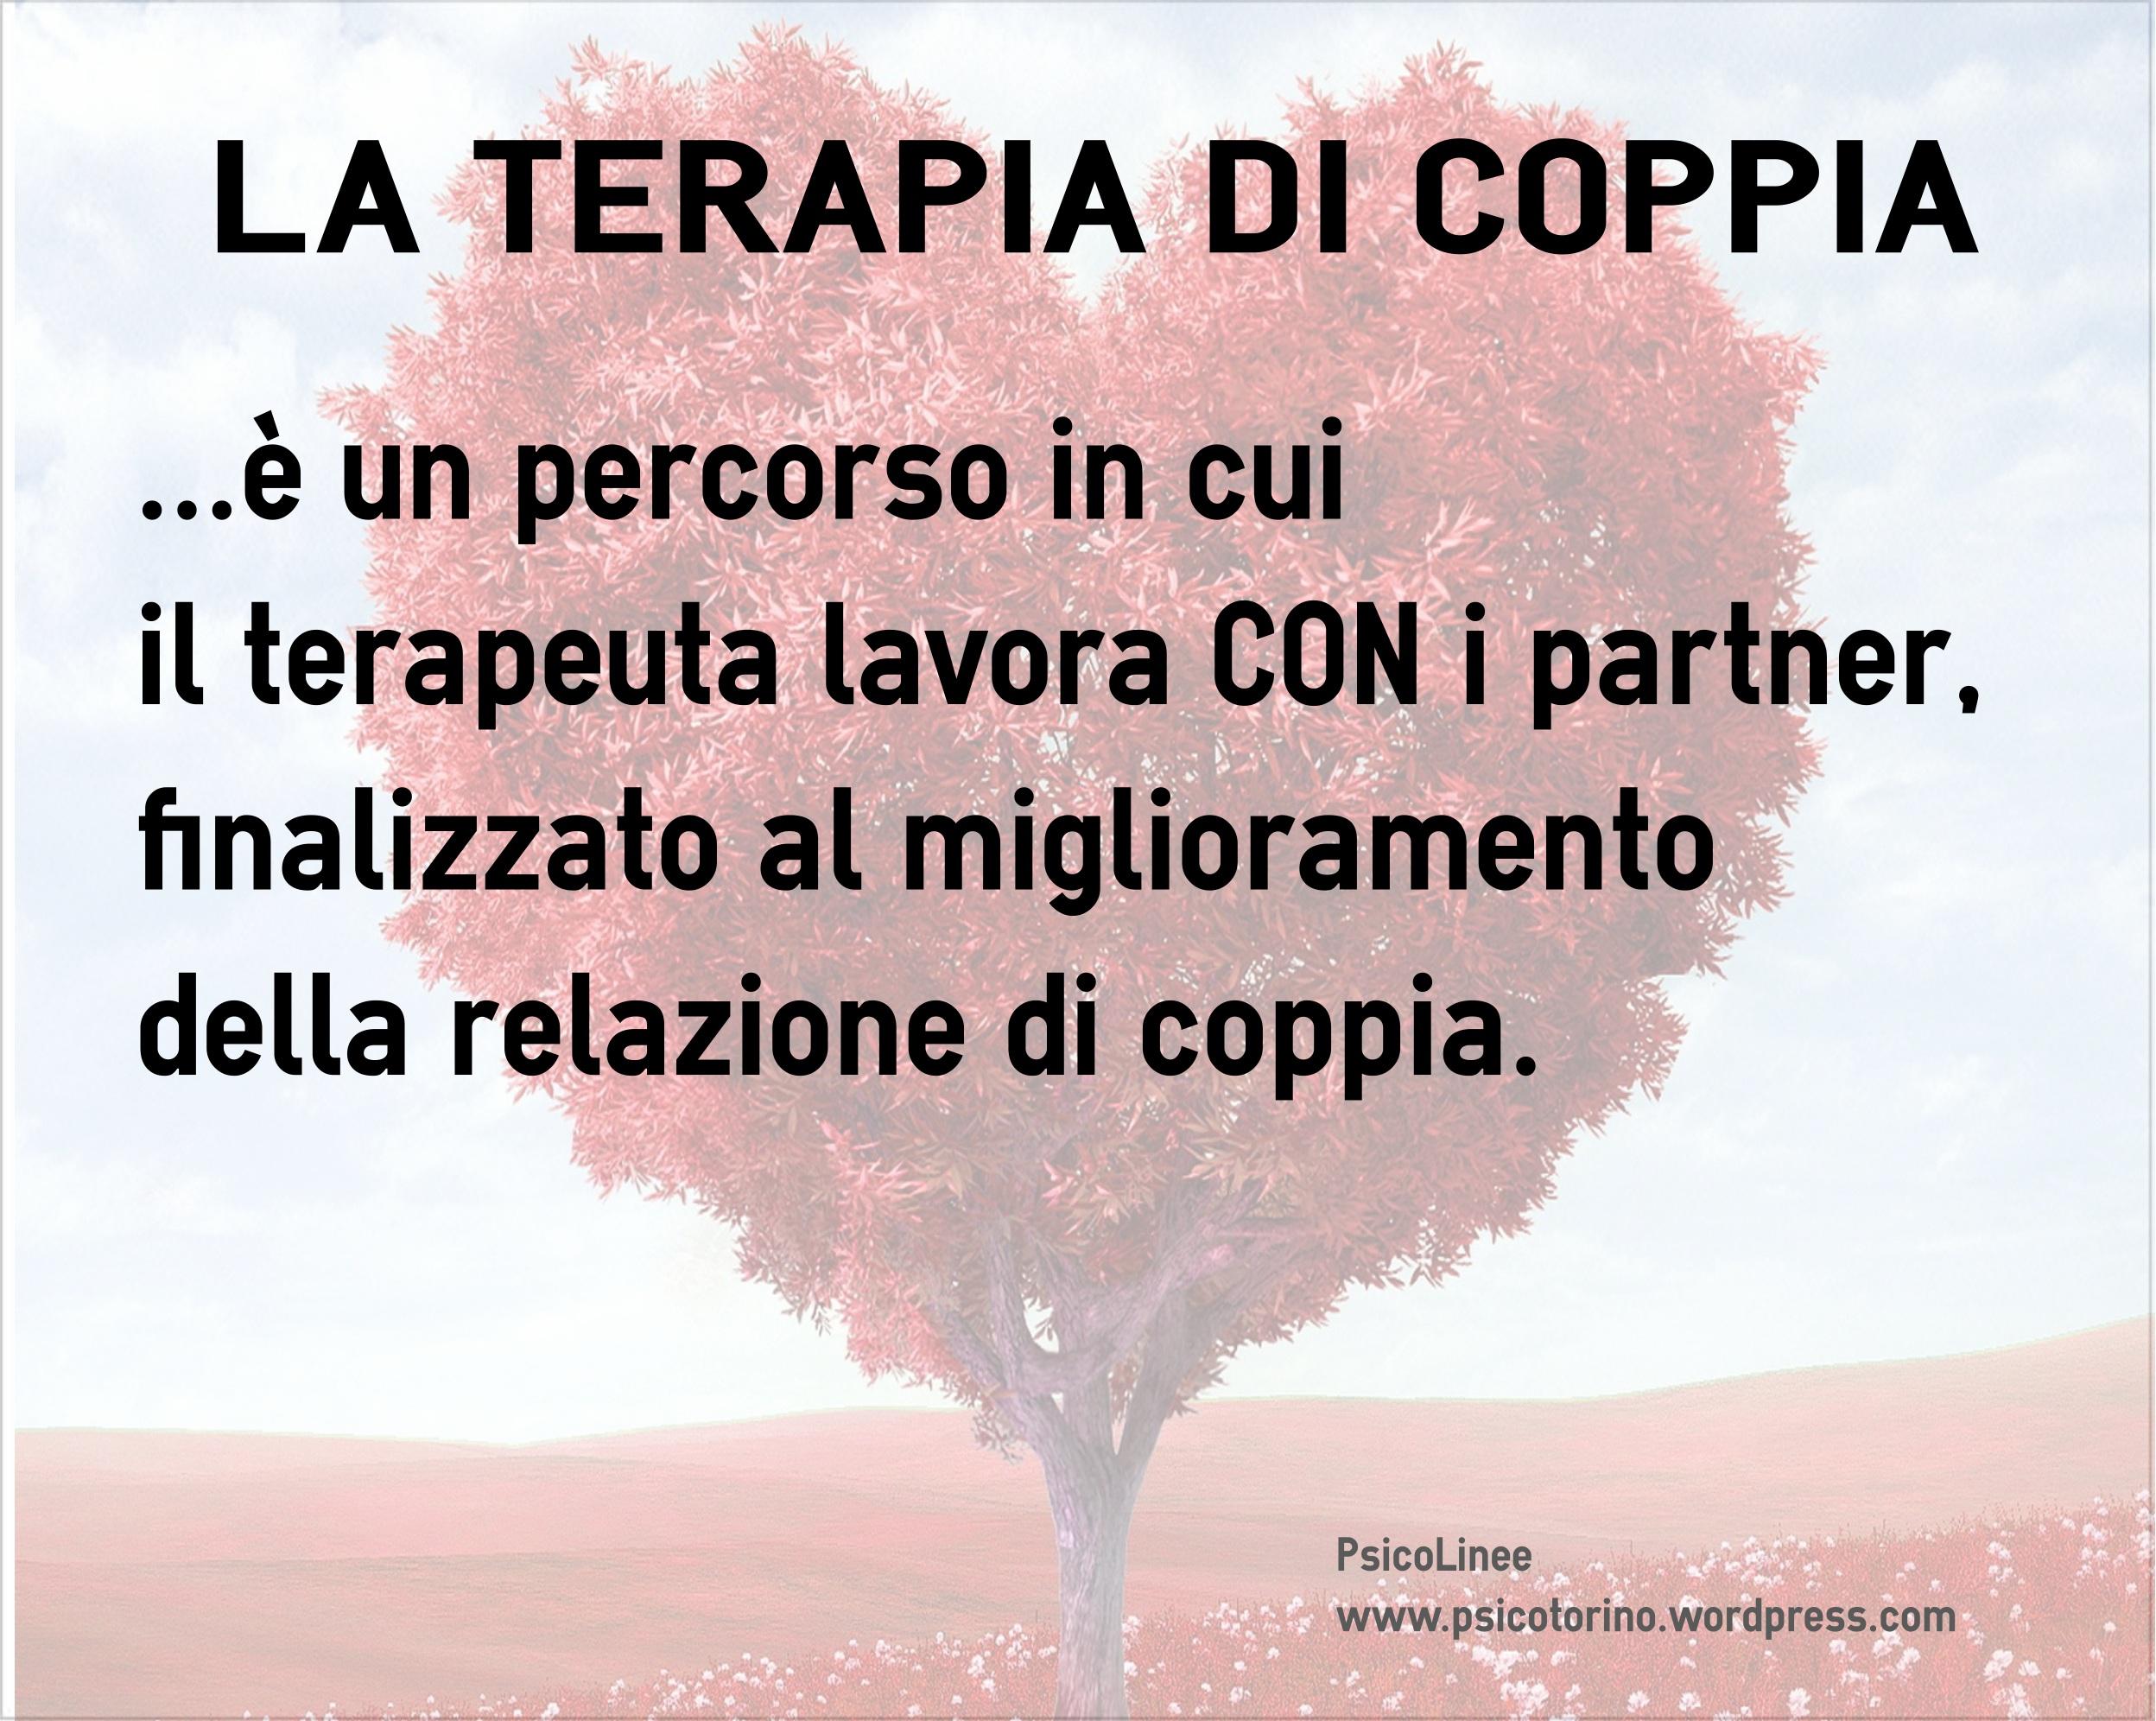 coppia (4)